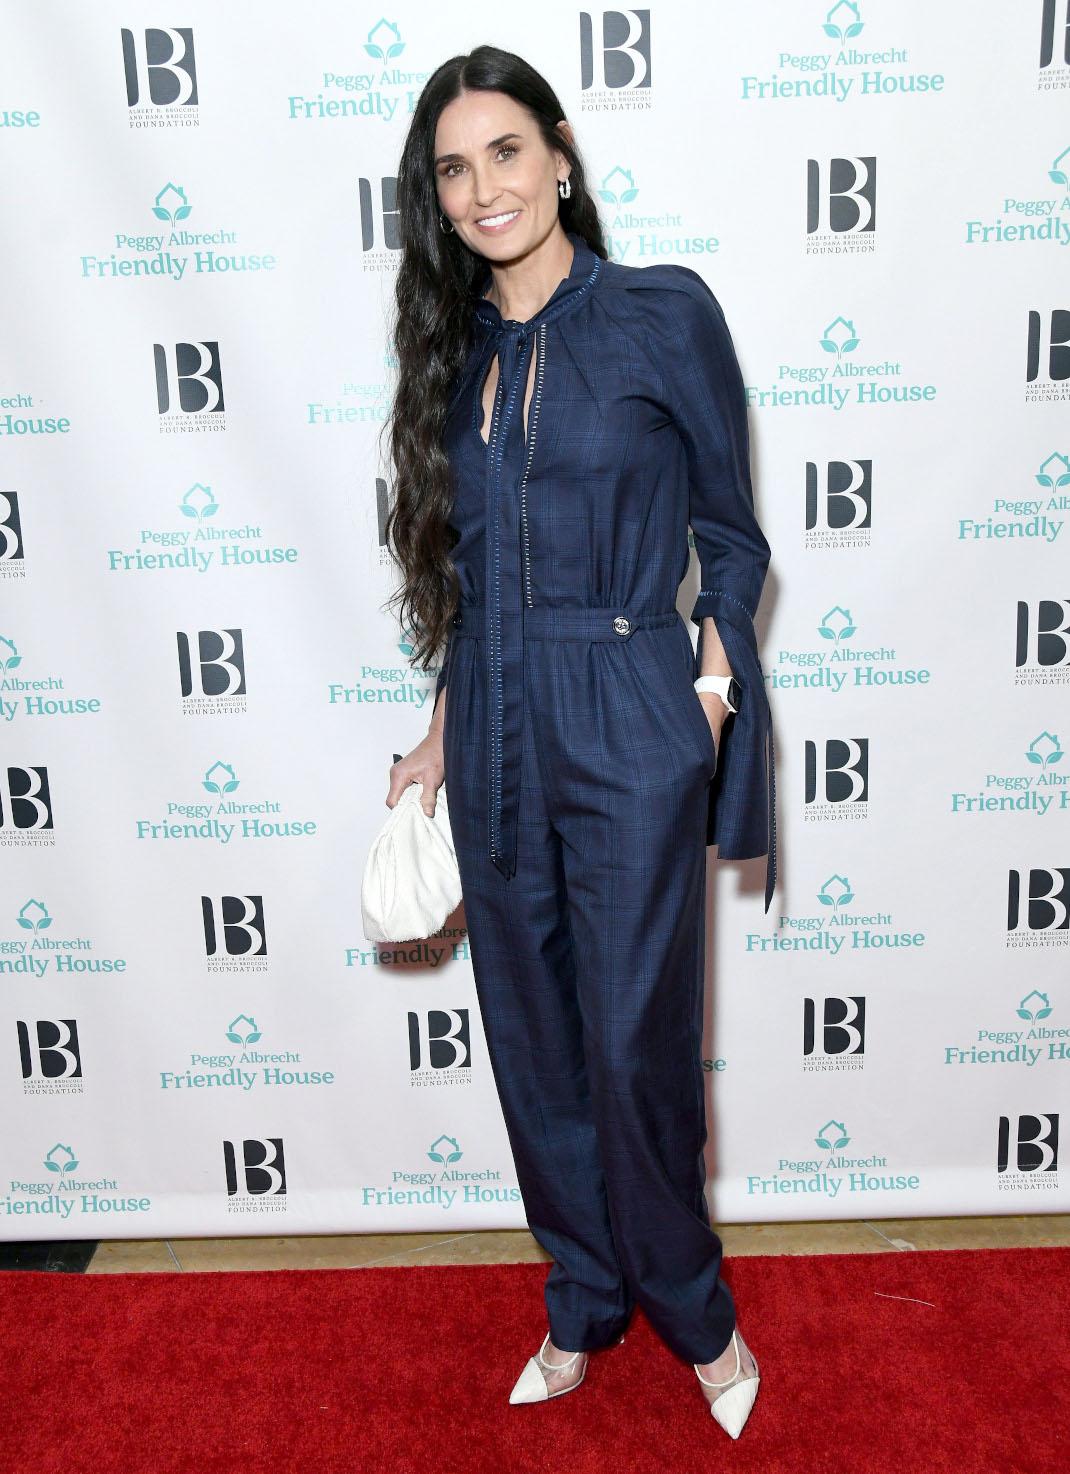 Η Ντέμι Μουρ χαμογελά μπλε φόρμα σε εκδήλωση